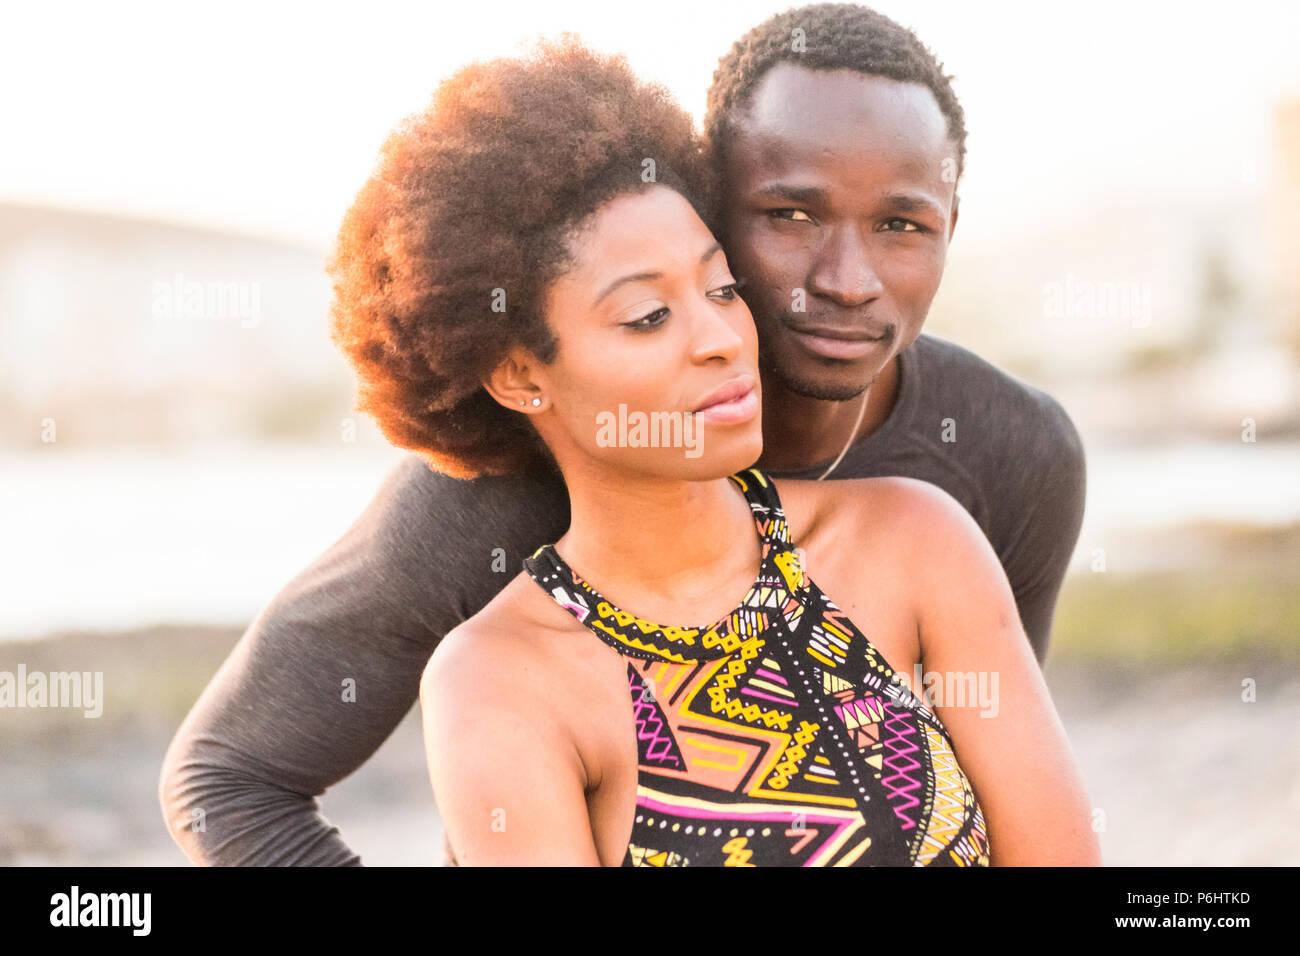 Felice razza nera coppia africani presso la spiaggia di amore e di godersi il tempo libero attività insieme seduta vicino alla costa dell'oceano del tempo estivo e ama vib Immagini Stock